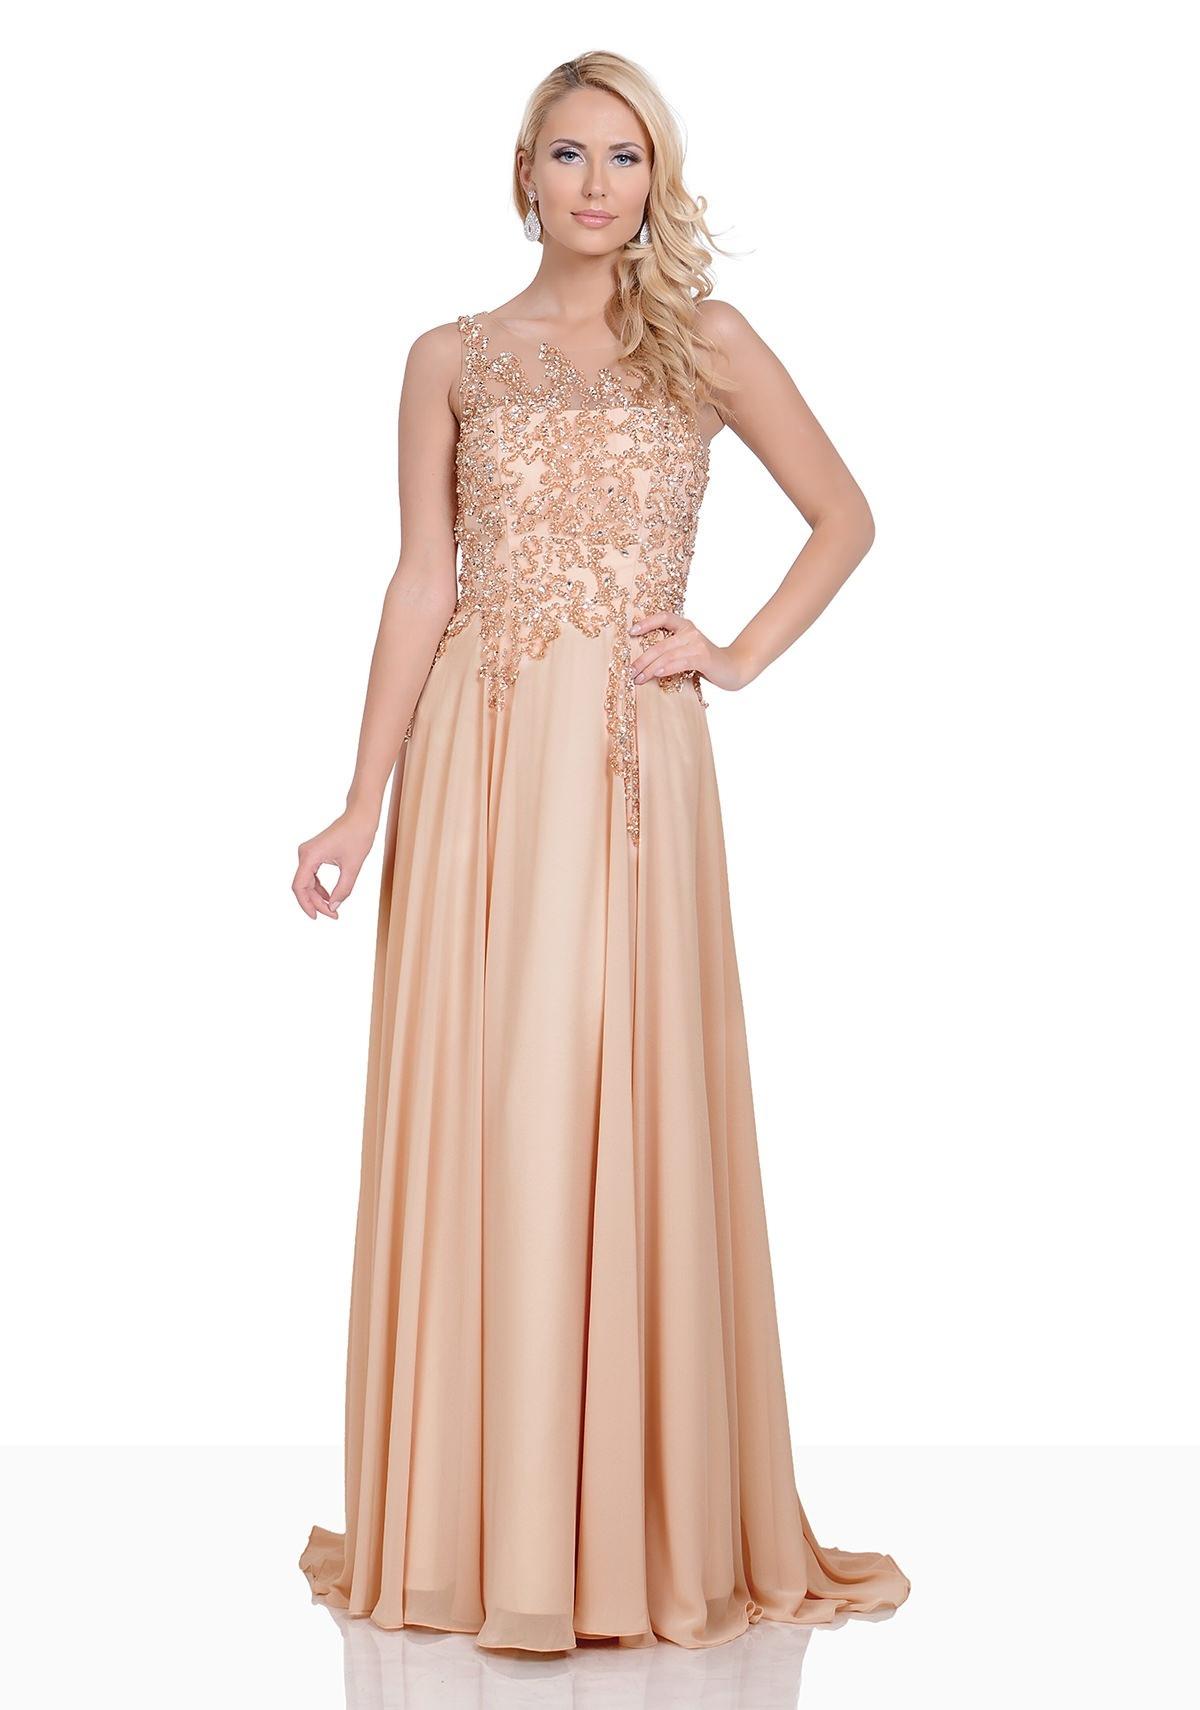 13 Erstaunlich Chiffon Abend Kleid BoutiqueDesigner Luxurius Chiffon Abend Kleid Ärmel